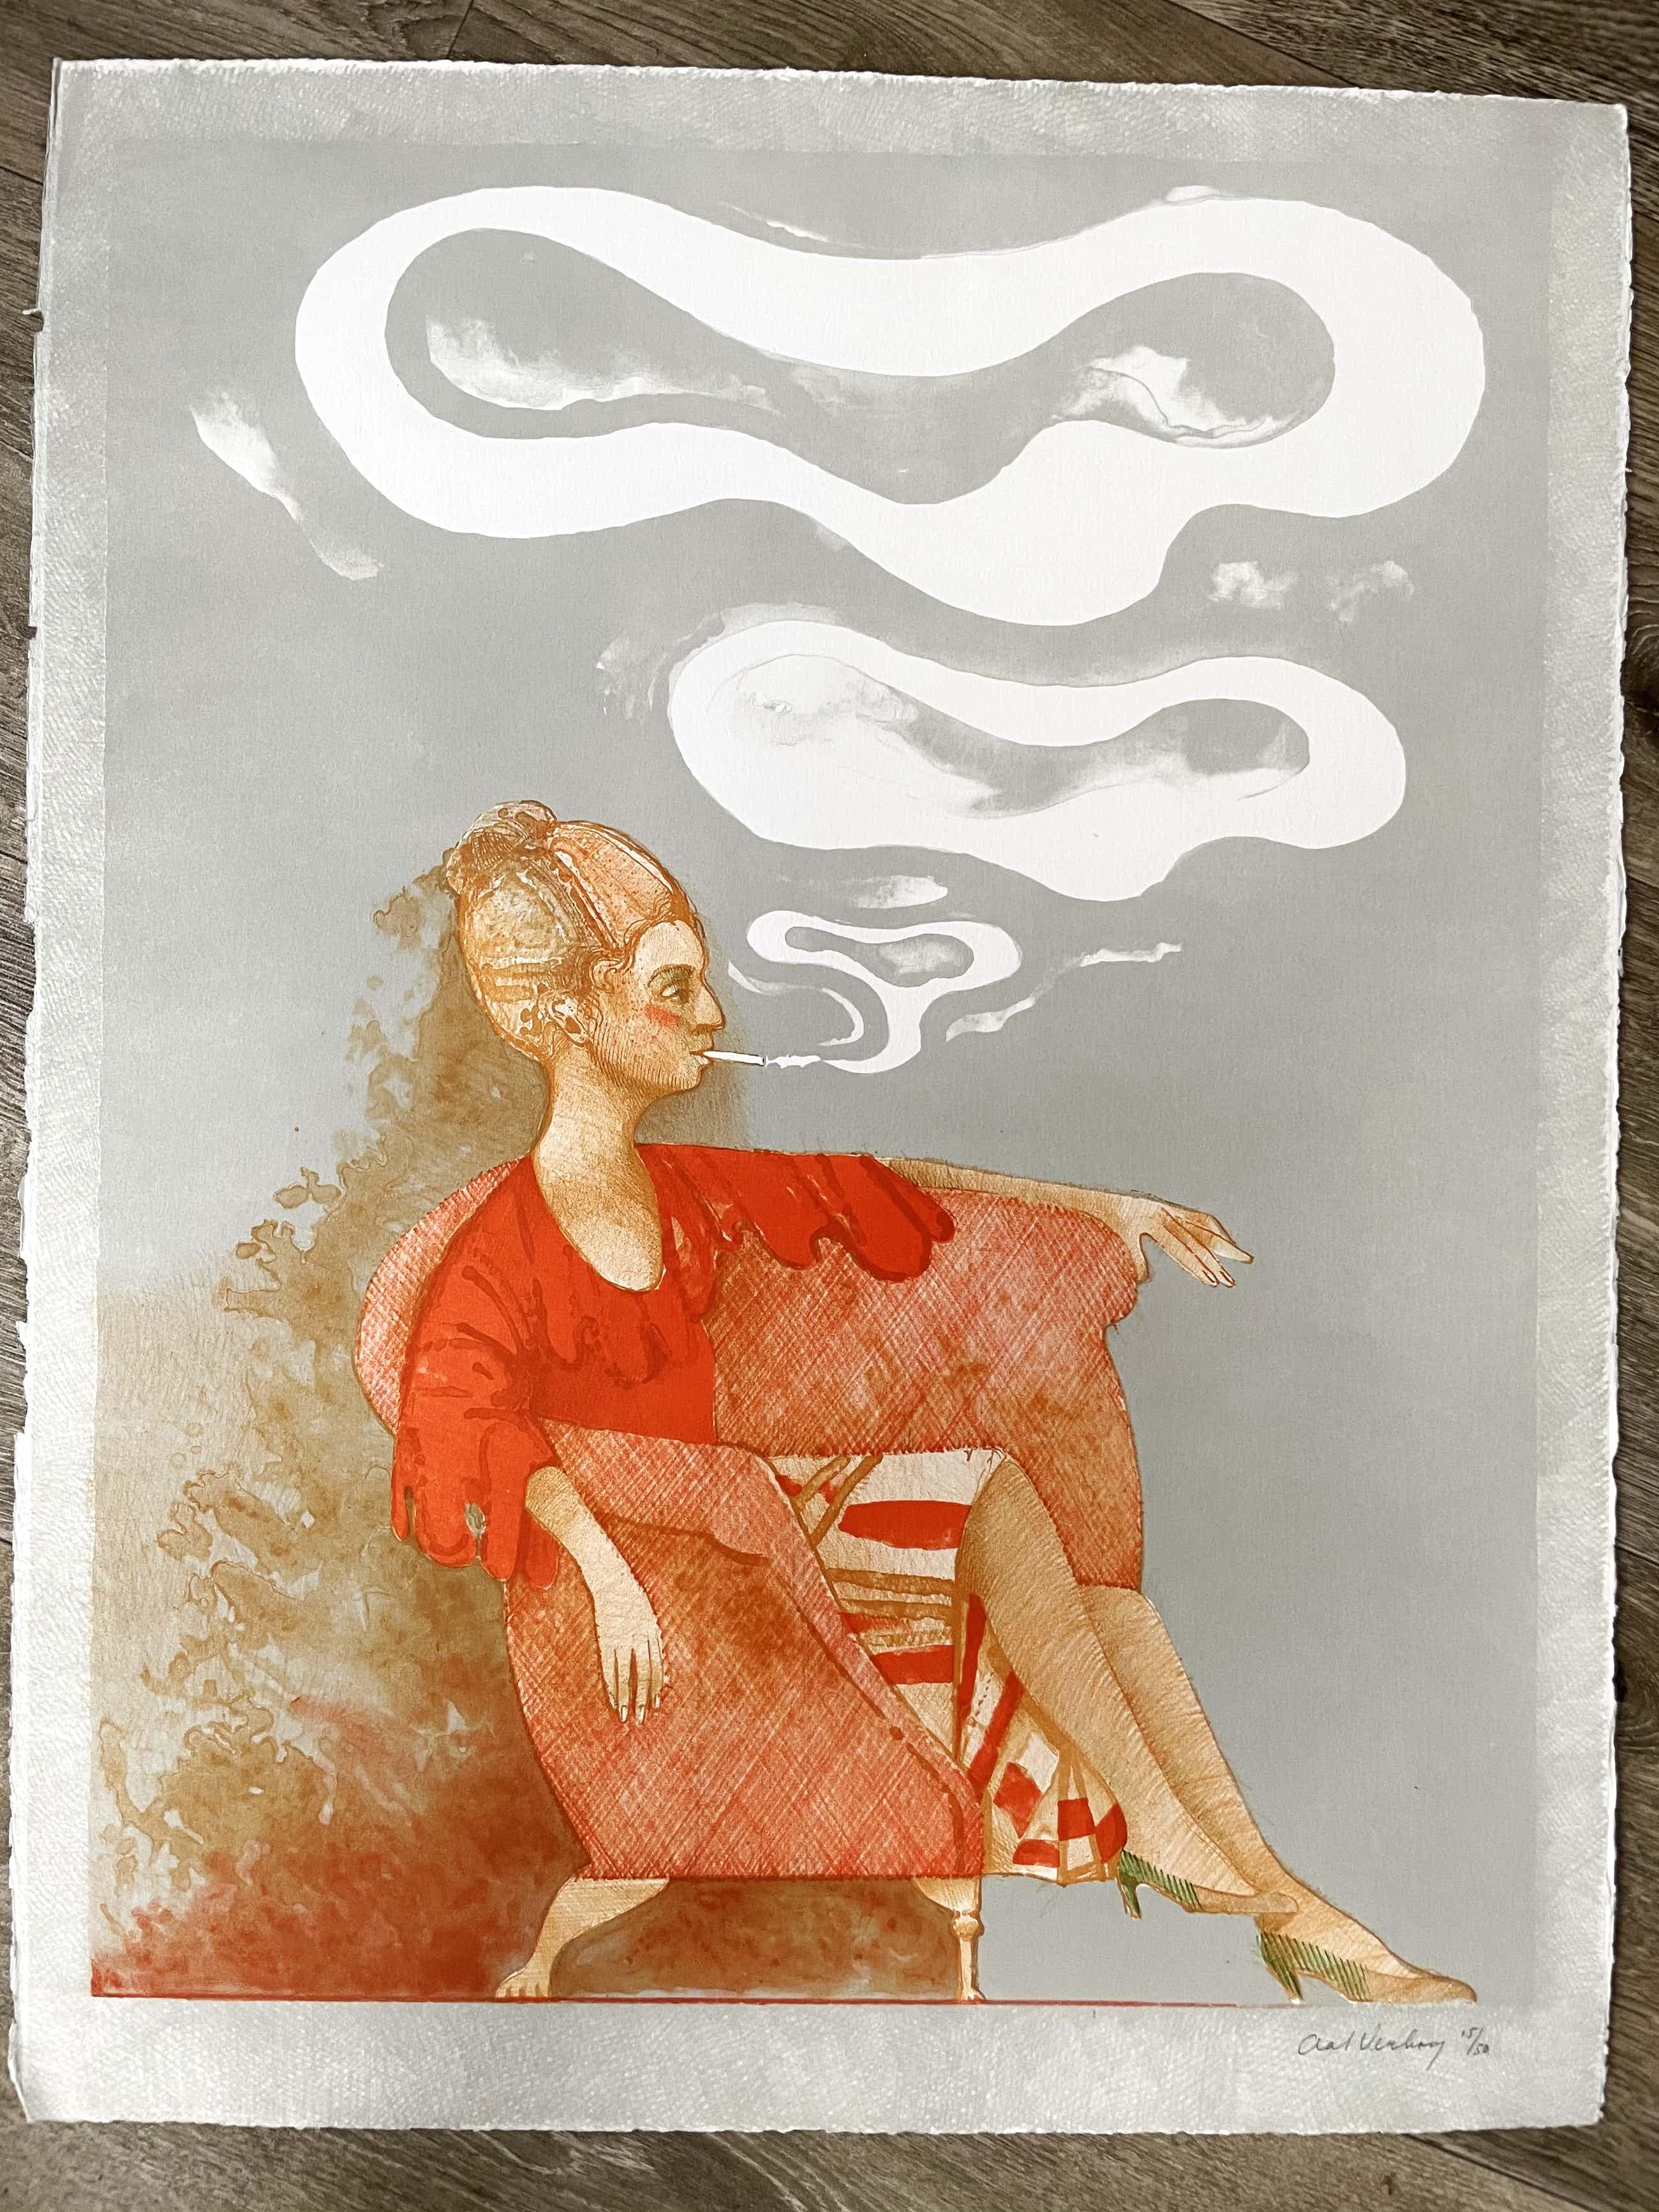 Aat Verhoog - Rokende vrouw in stoel kopen? Bied vanaf 40!